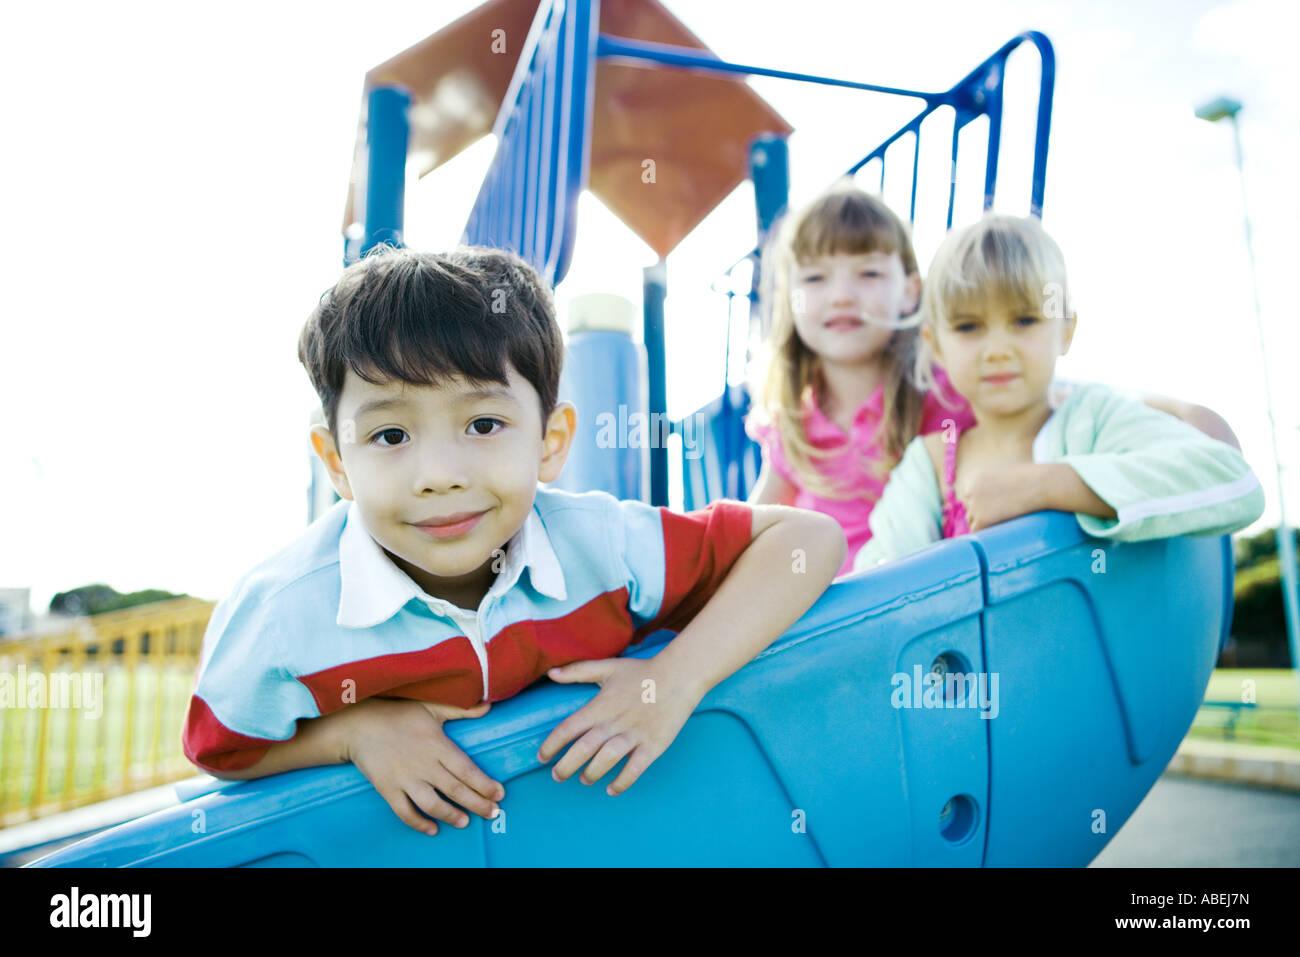 Children on playground equipment, smiling at camera Stock Photo